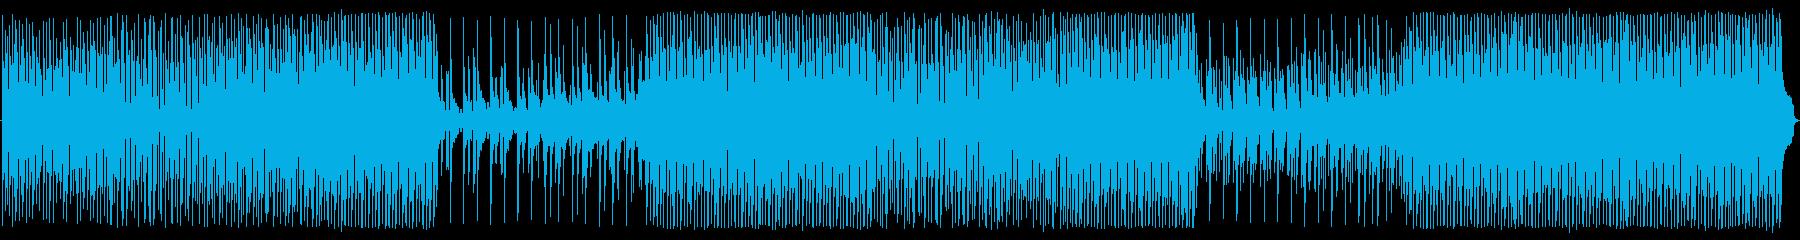 ベル、ピアノ、アコースティックギタ...の再生済みの波形